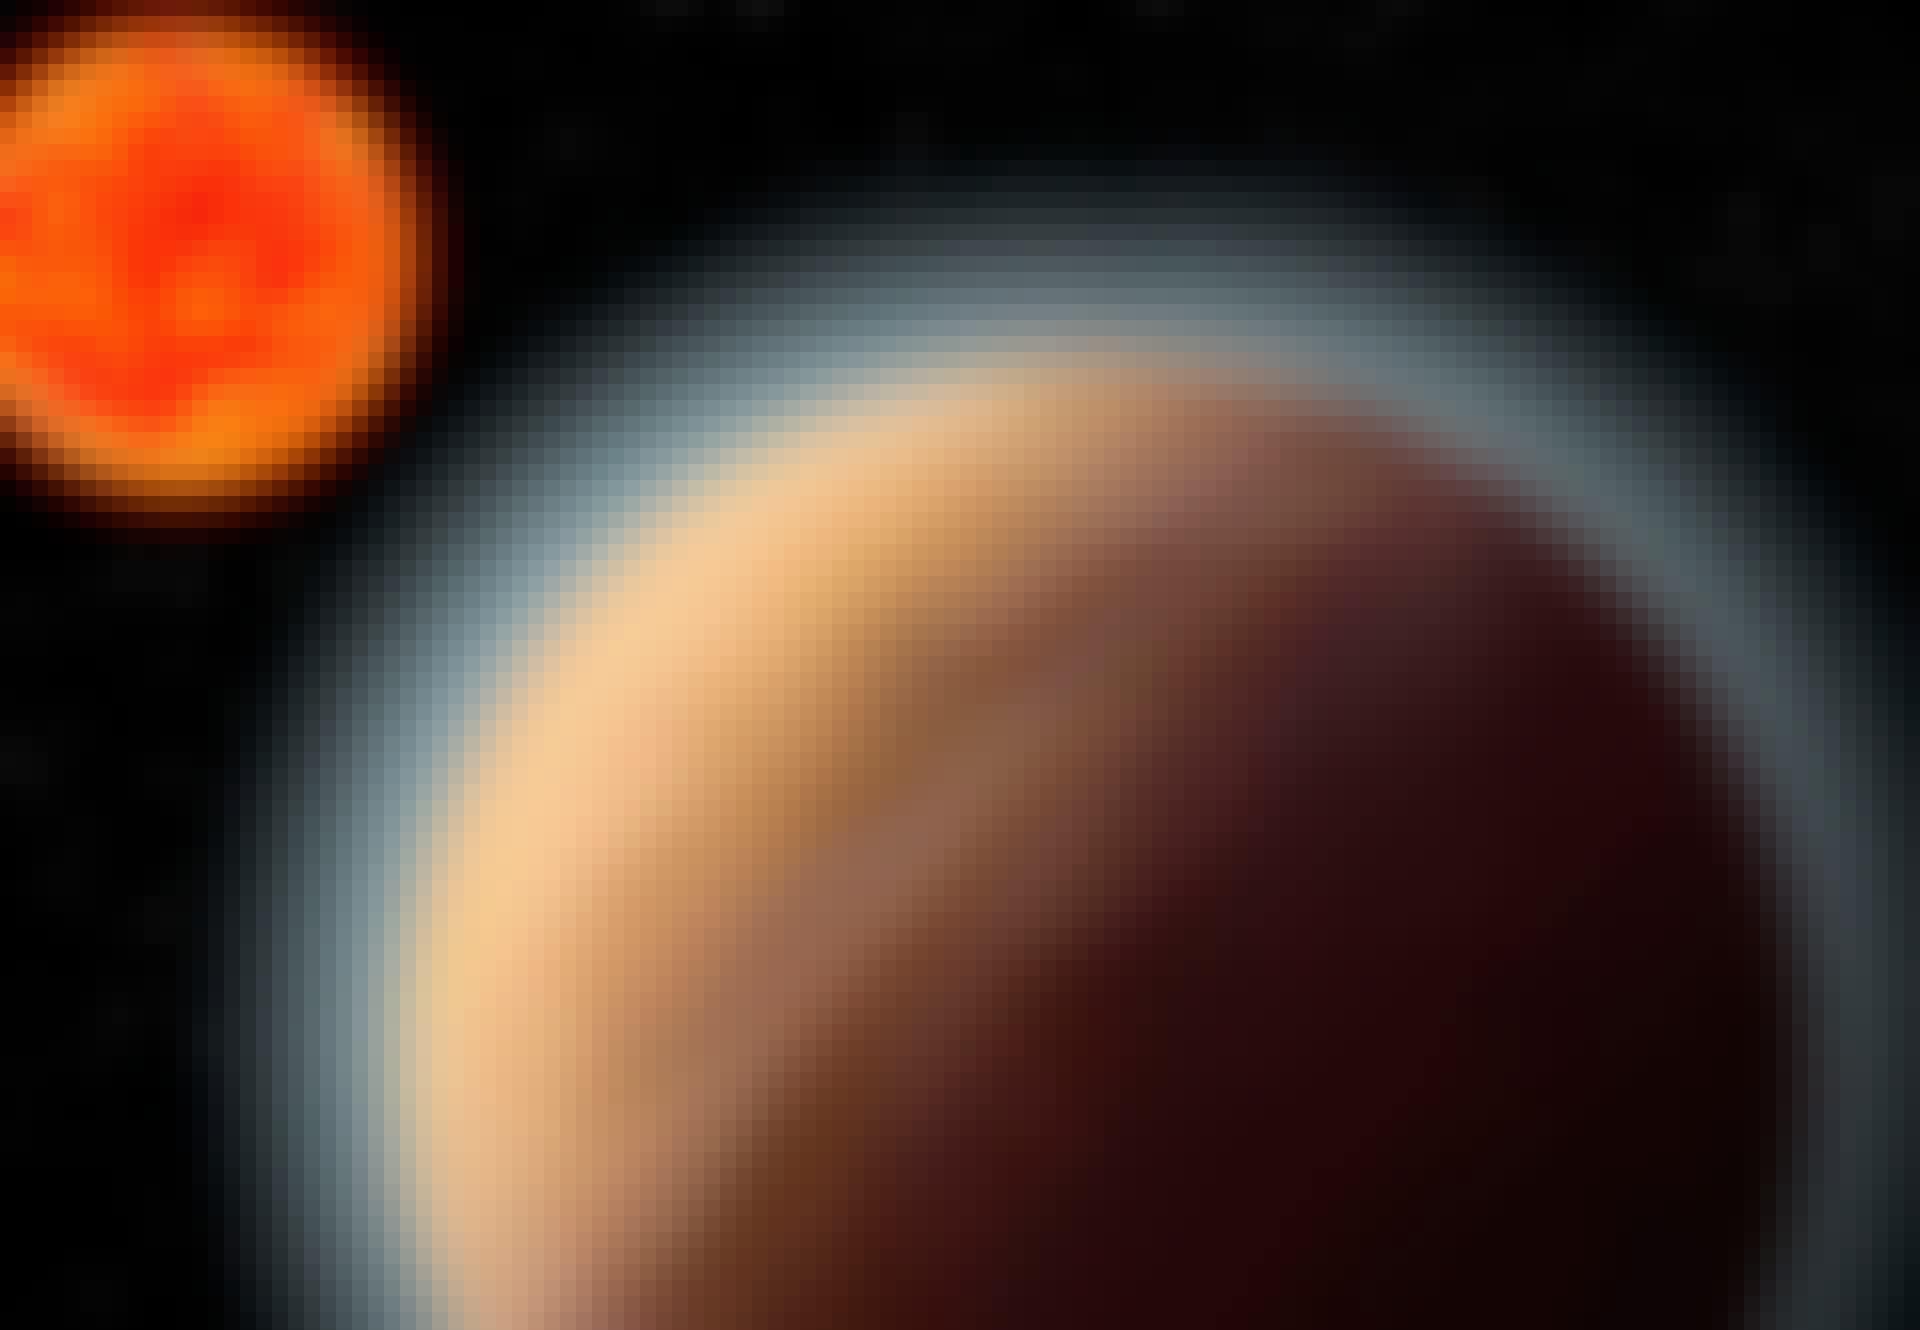 Gliese 1132b